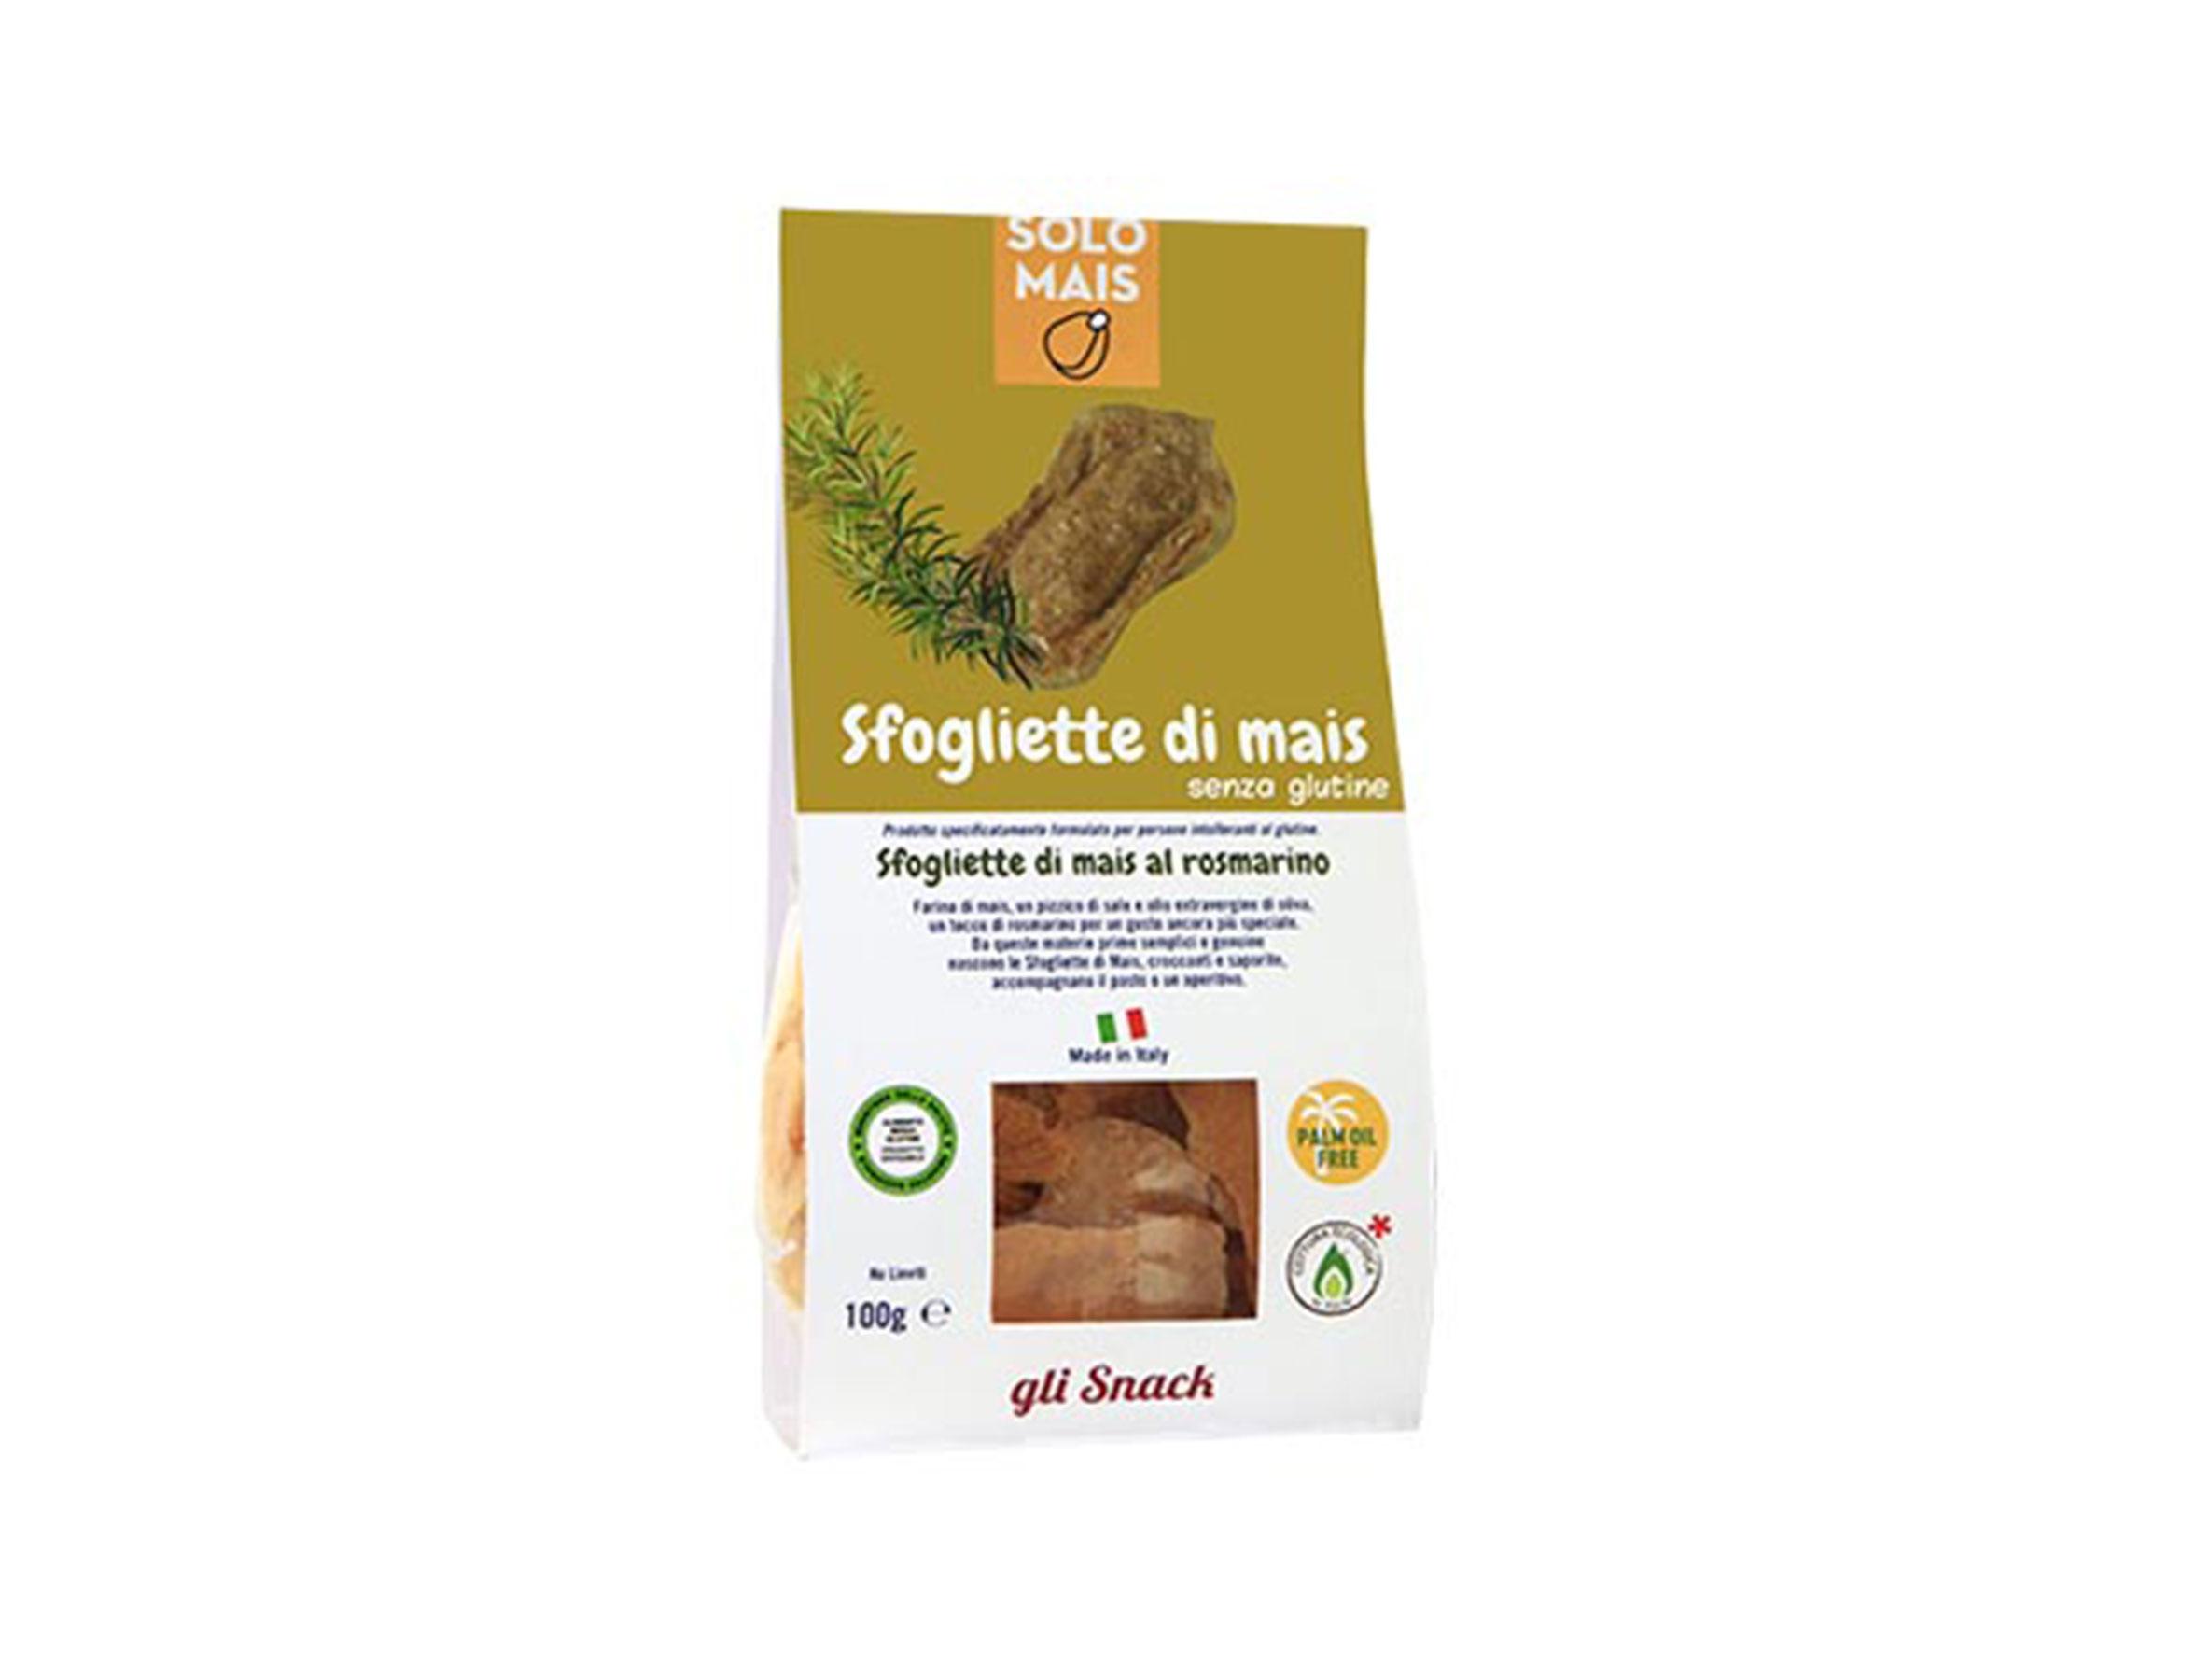 Sfogliette Di Mais Rosmarino gluten free